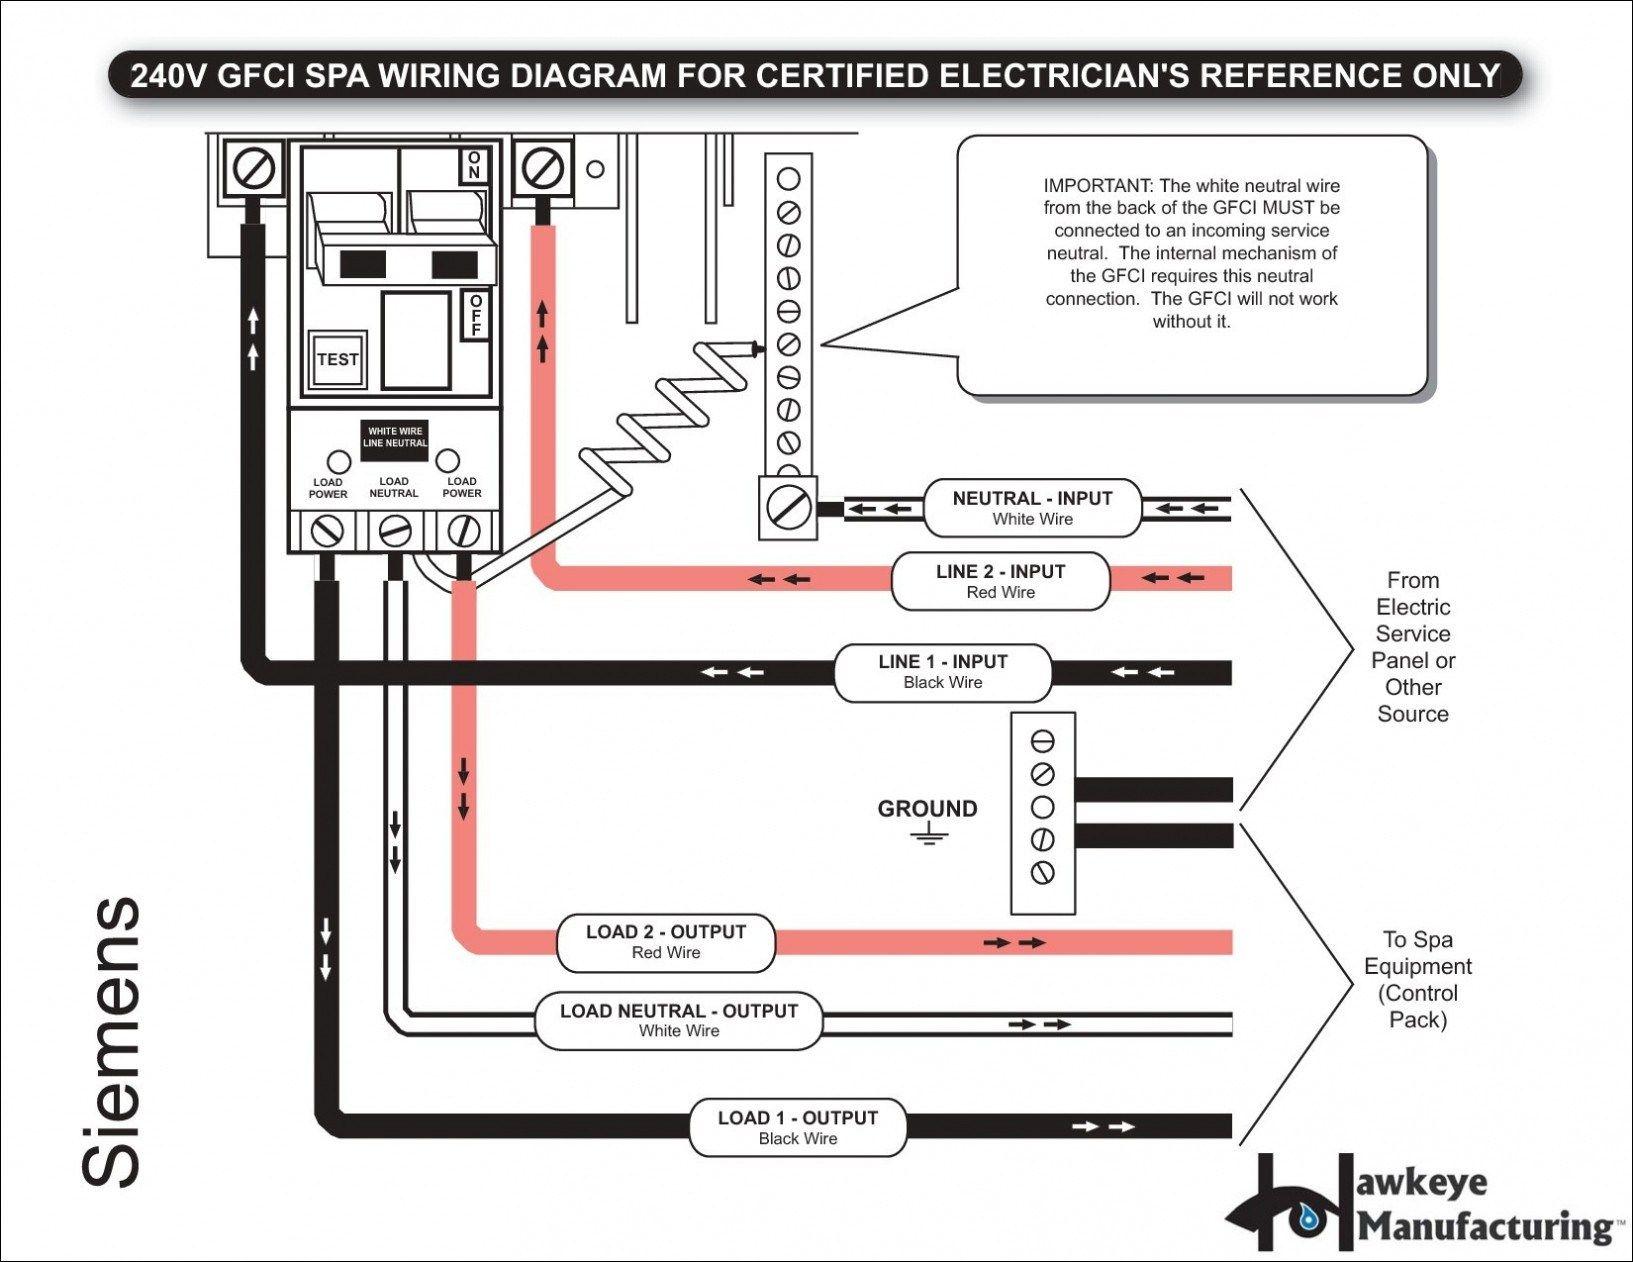 19 Stunning Circuit Breaker Wiring Diagram , https